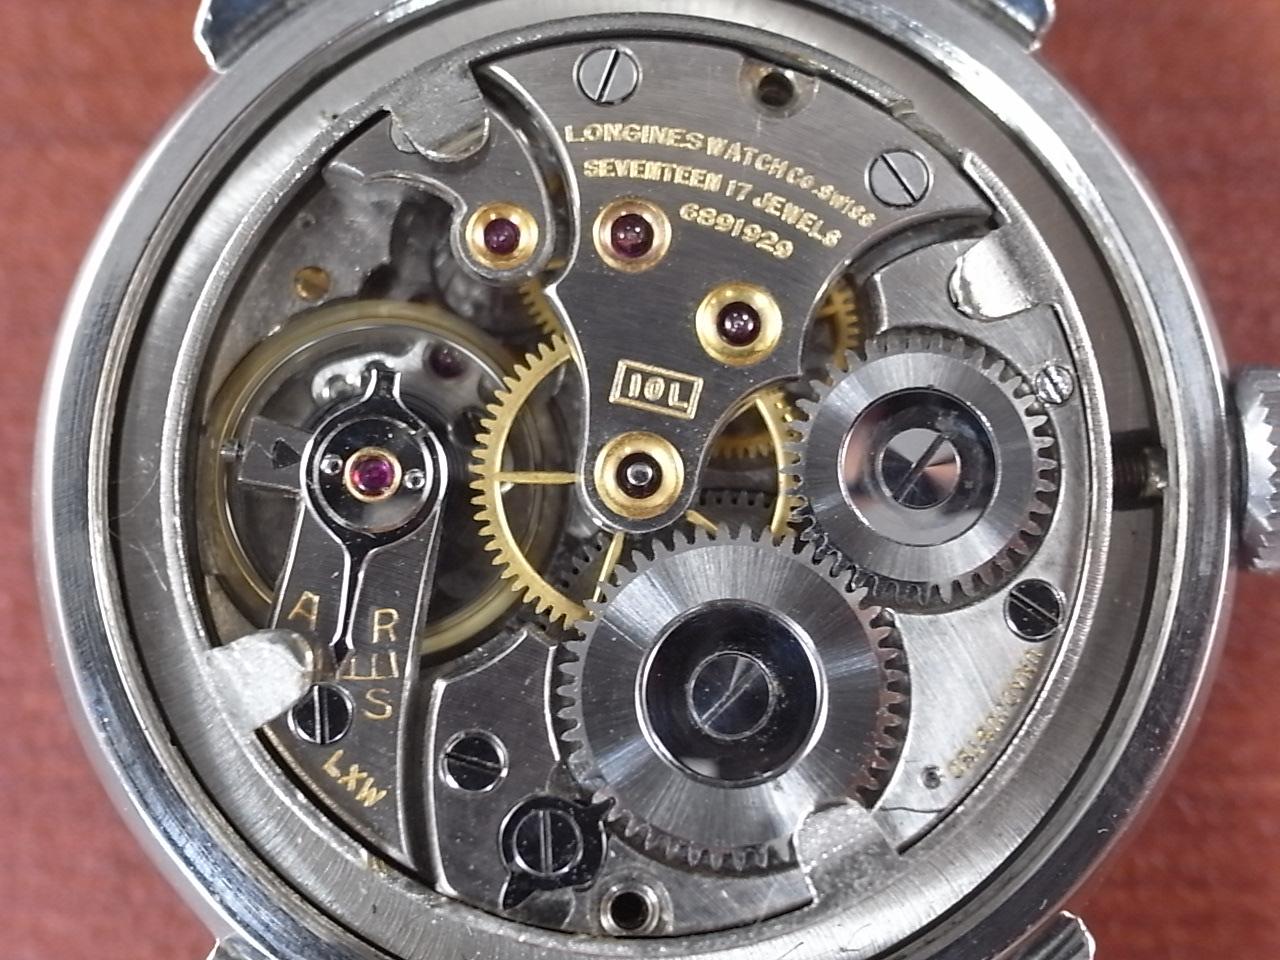 ロンジン ローマンインデックス Cal.10L(10.68Z) スクリューバック 1940年代の写真5枚目